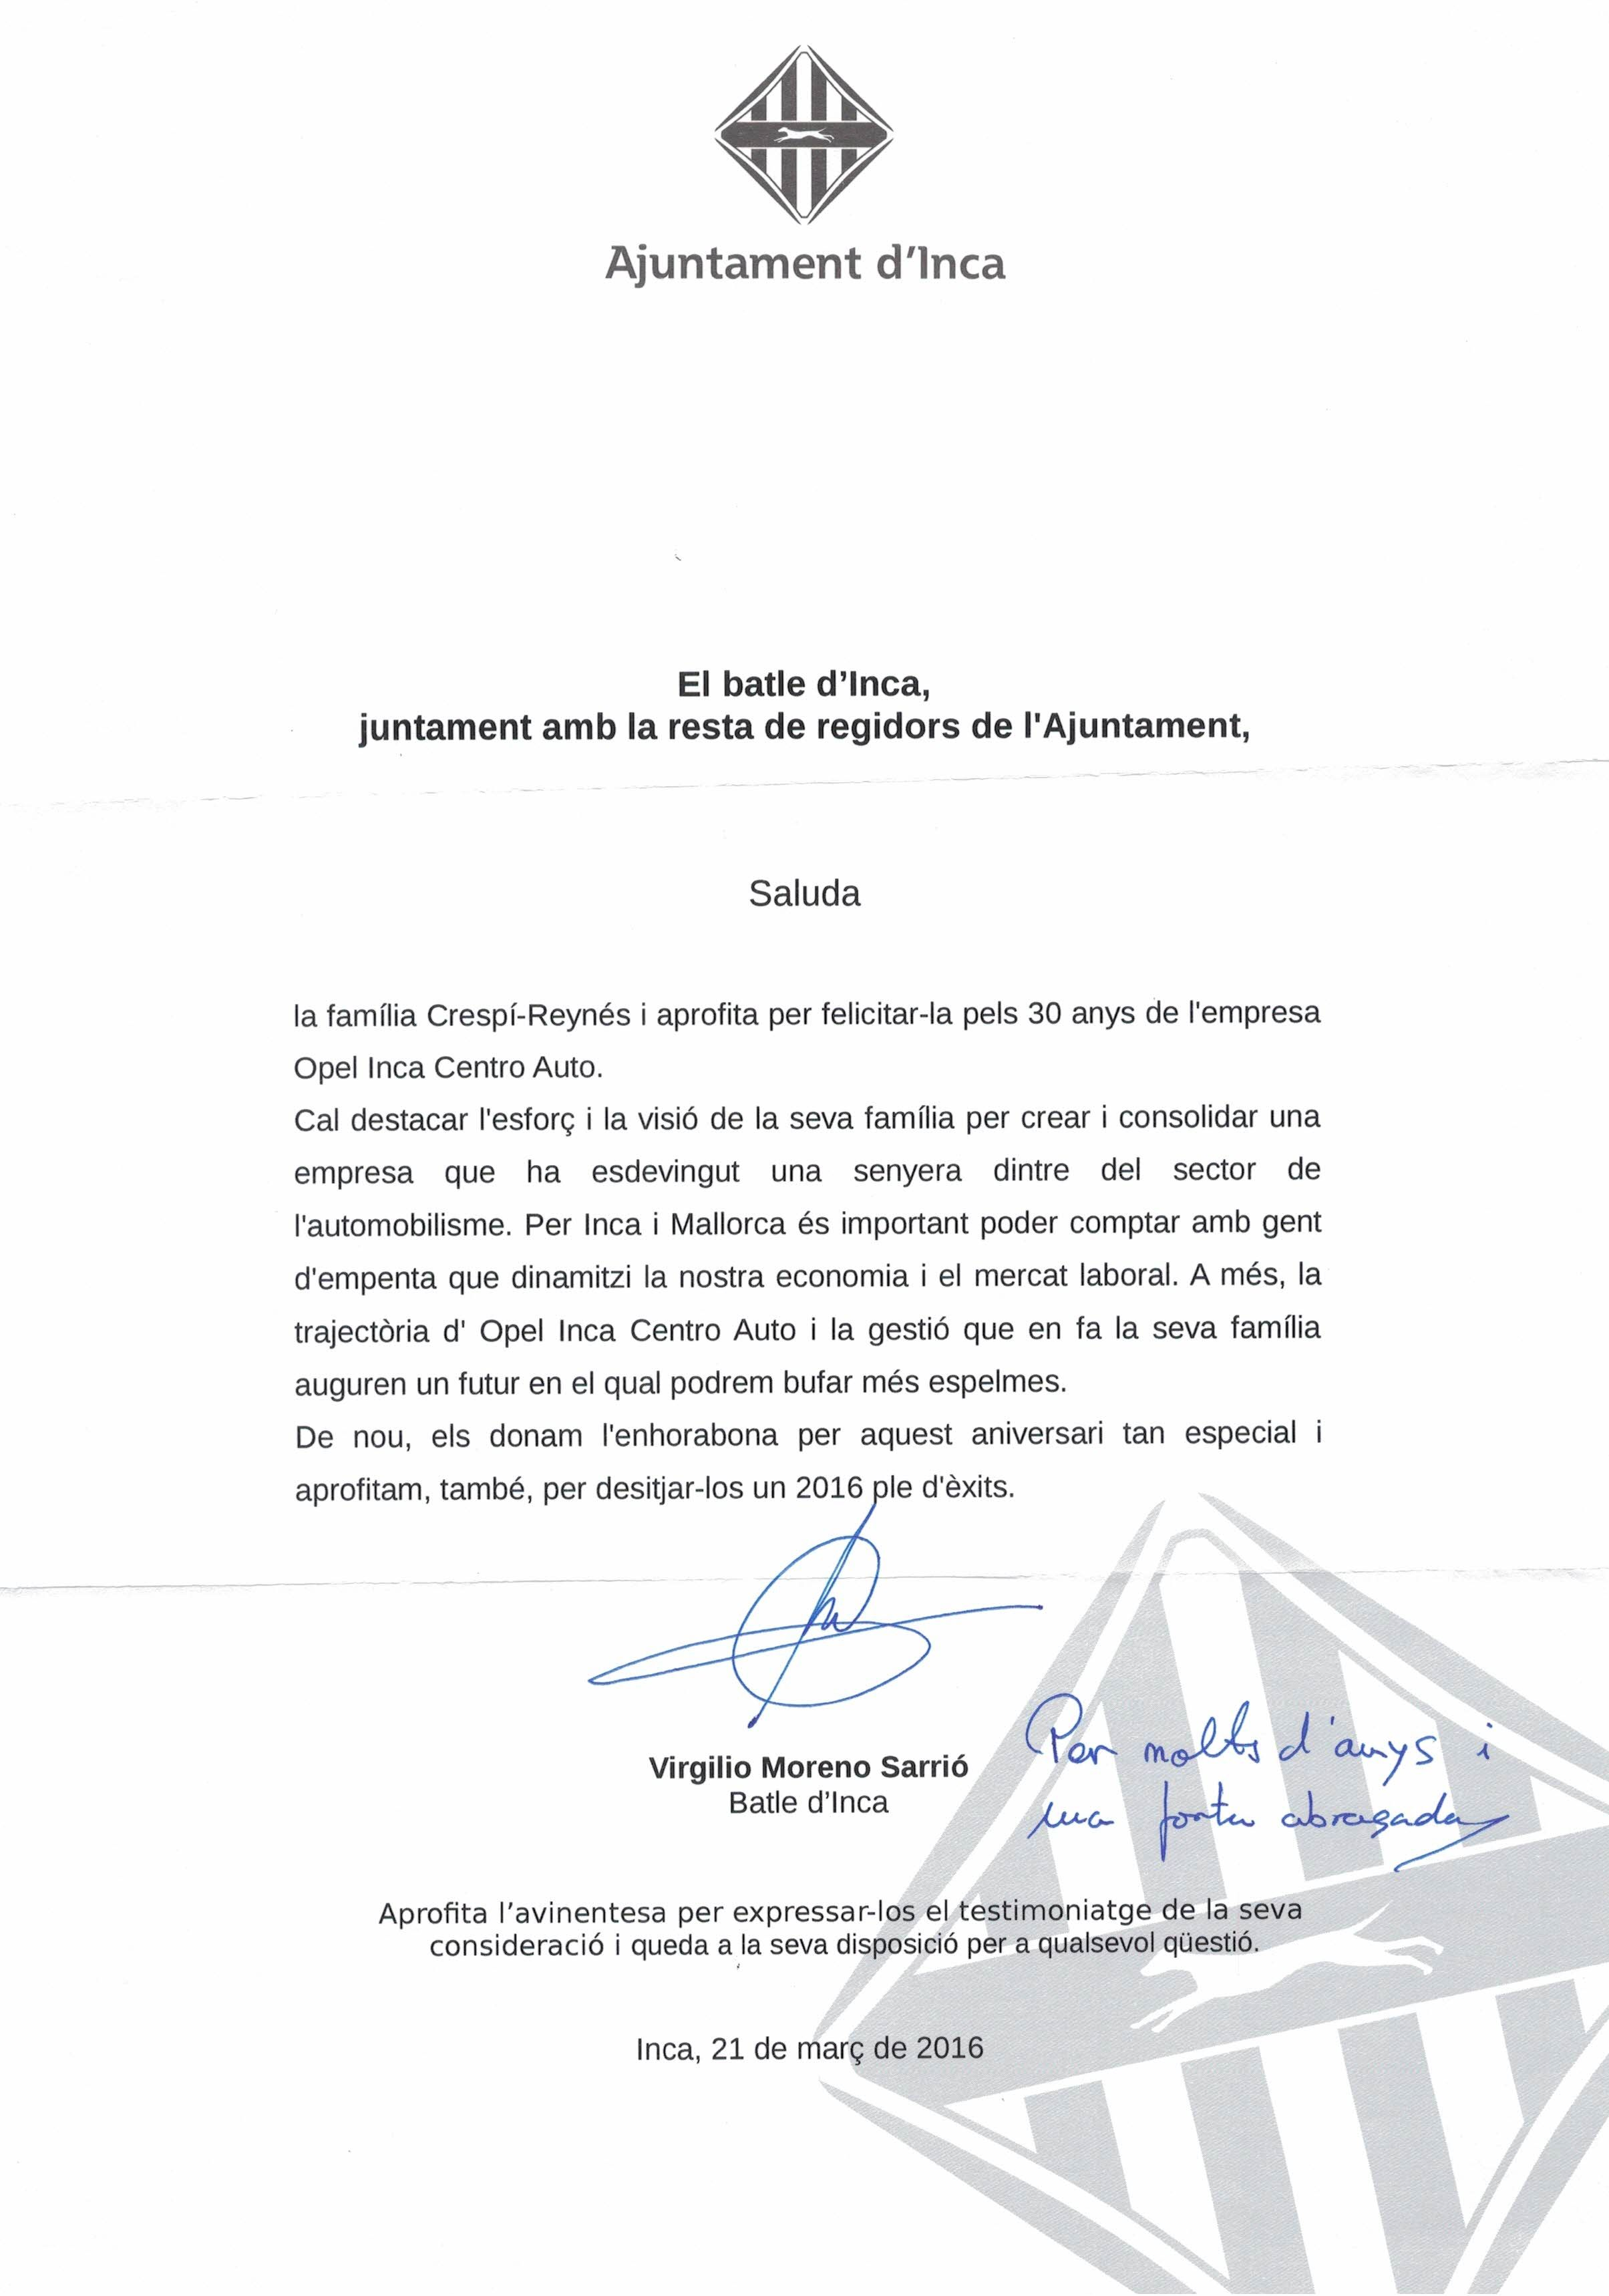 El Ajuntament d'Inca felicita a Inca Centro Auto por su 30 aniversario